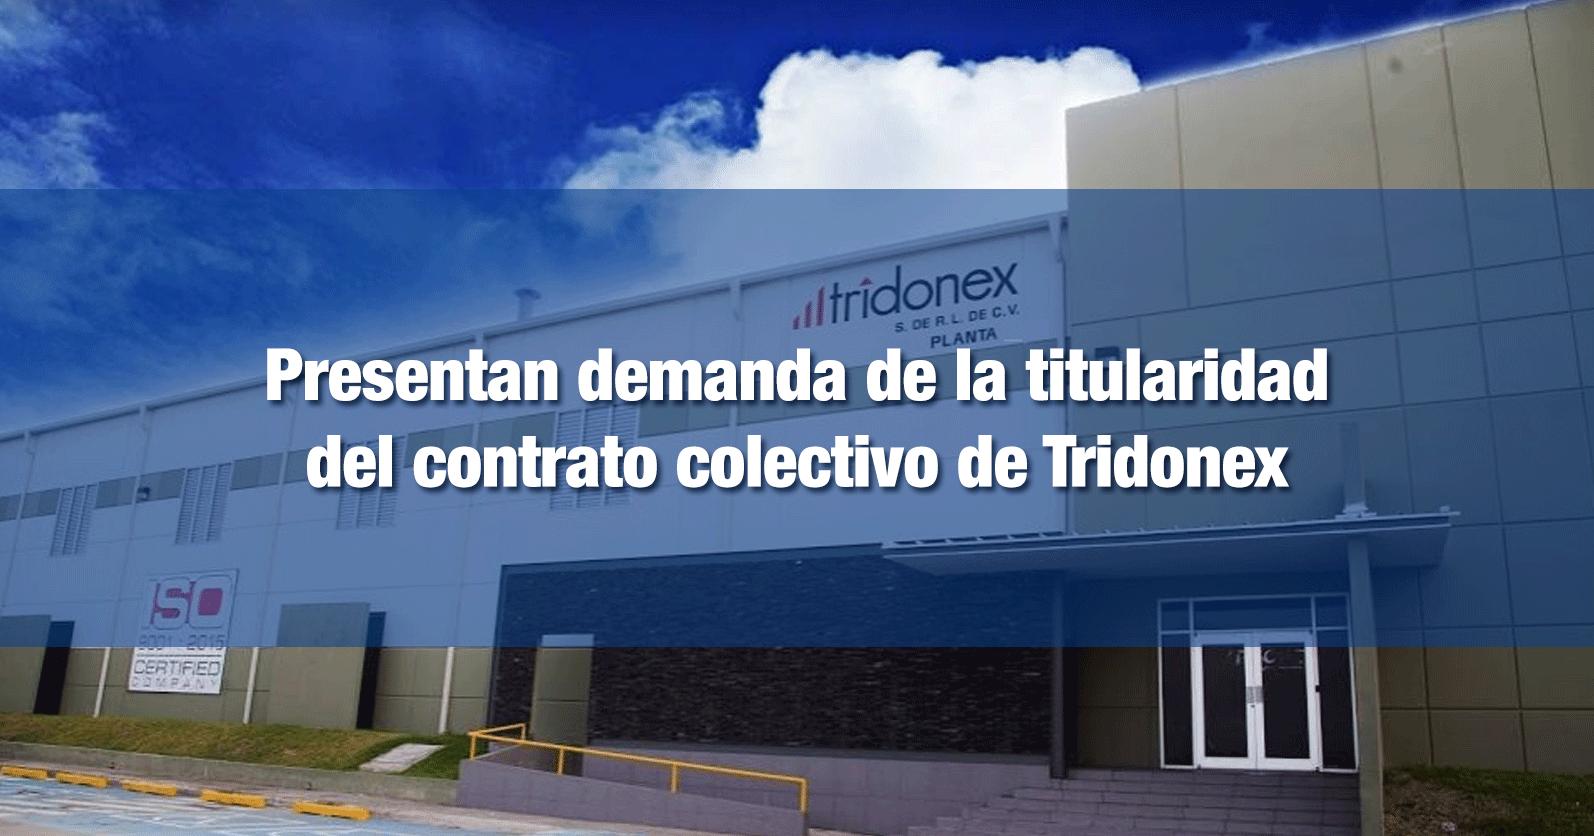 Presentan demanda de la titularidad del contrato colectivo de Tridonex